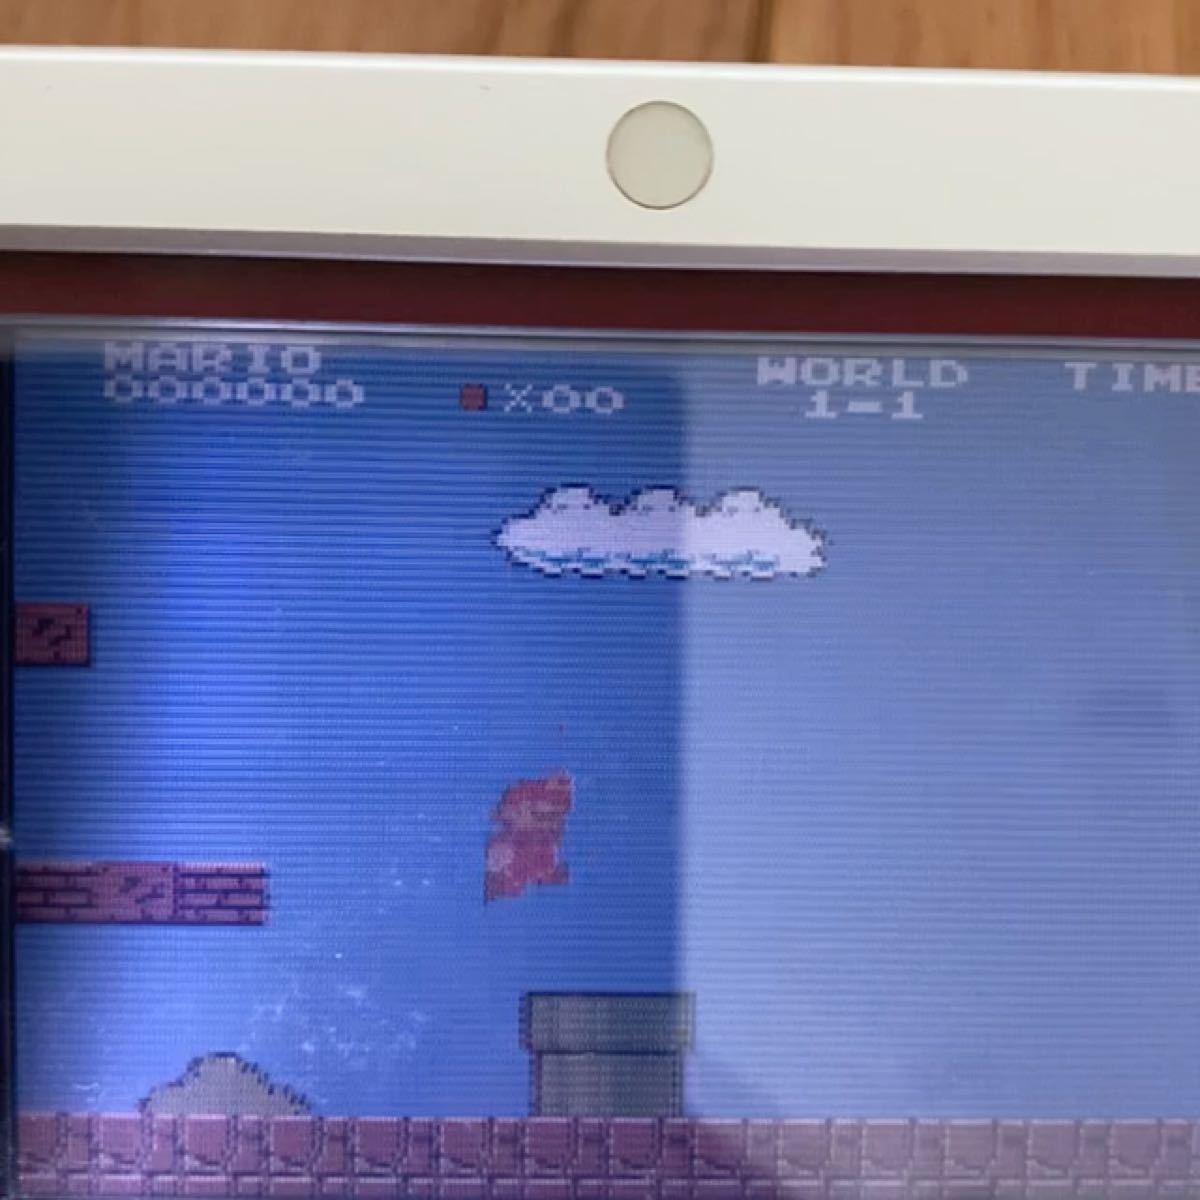 ゲームボーイアドバンスSP ファミコンカラー 電源アダプター付 ソフト スーパーマリオブラザーズ マリオVSドンキーコング セット